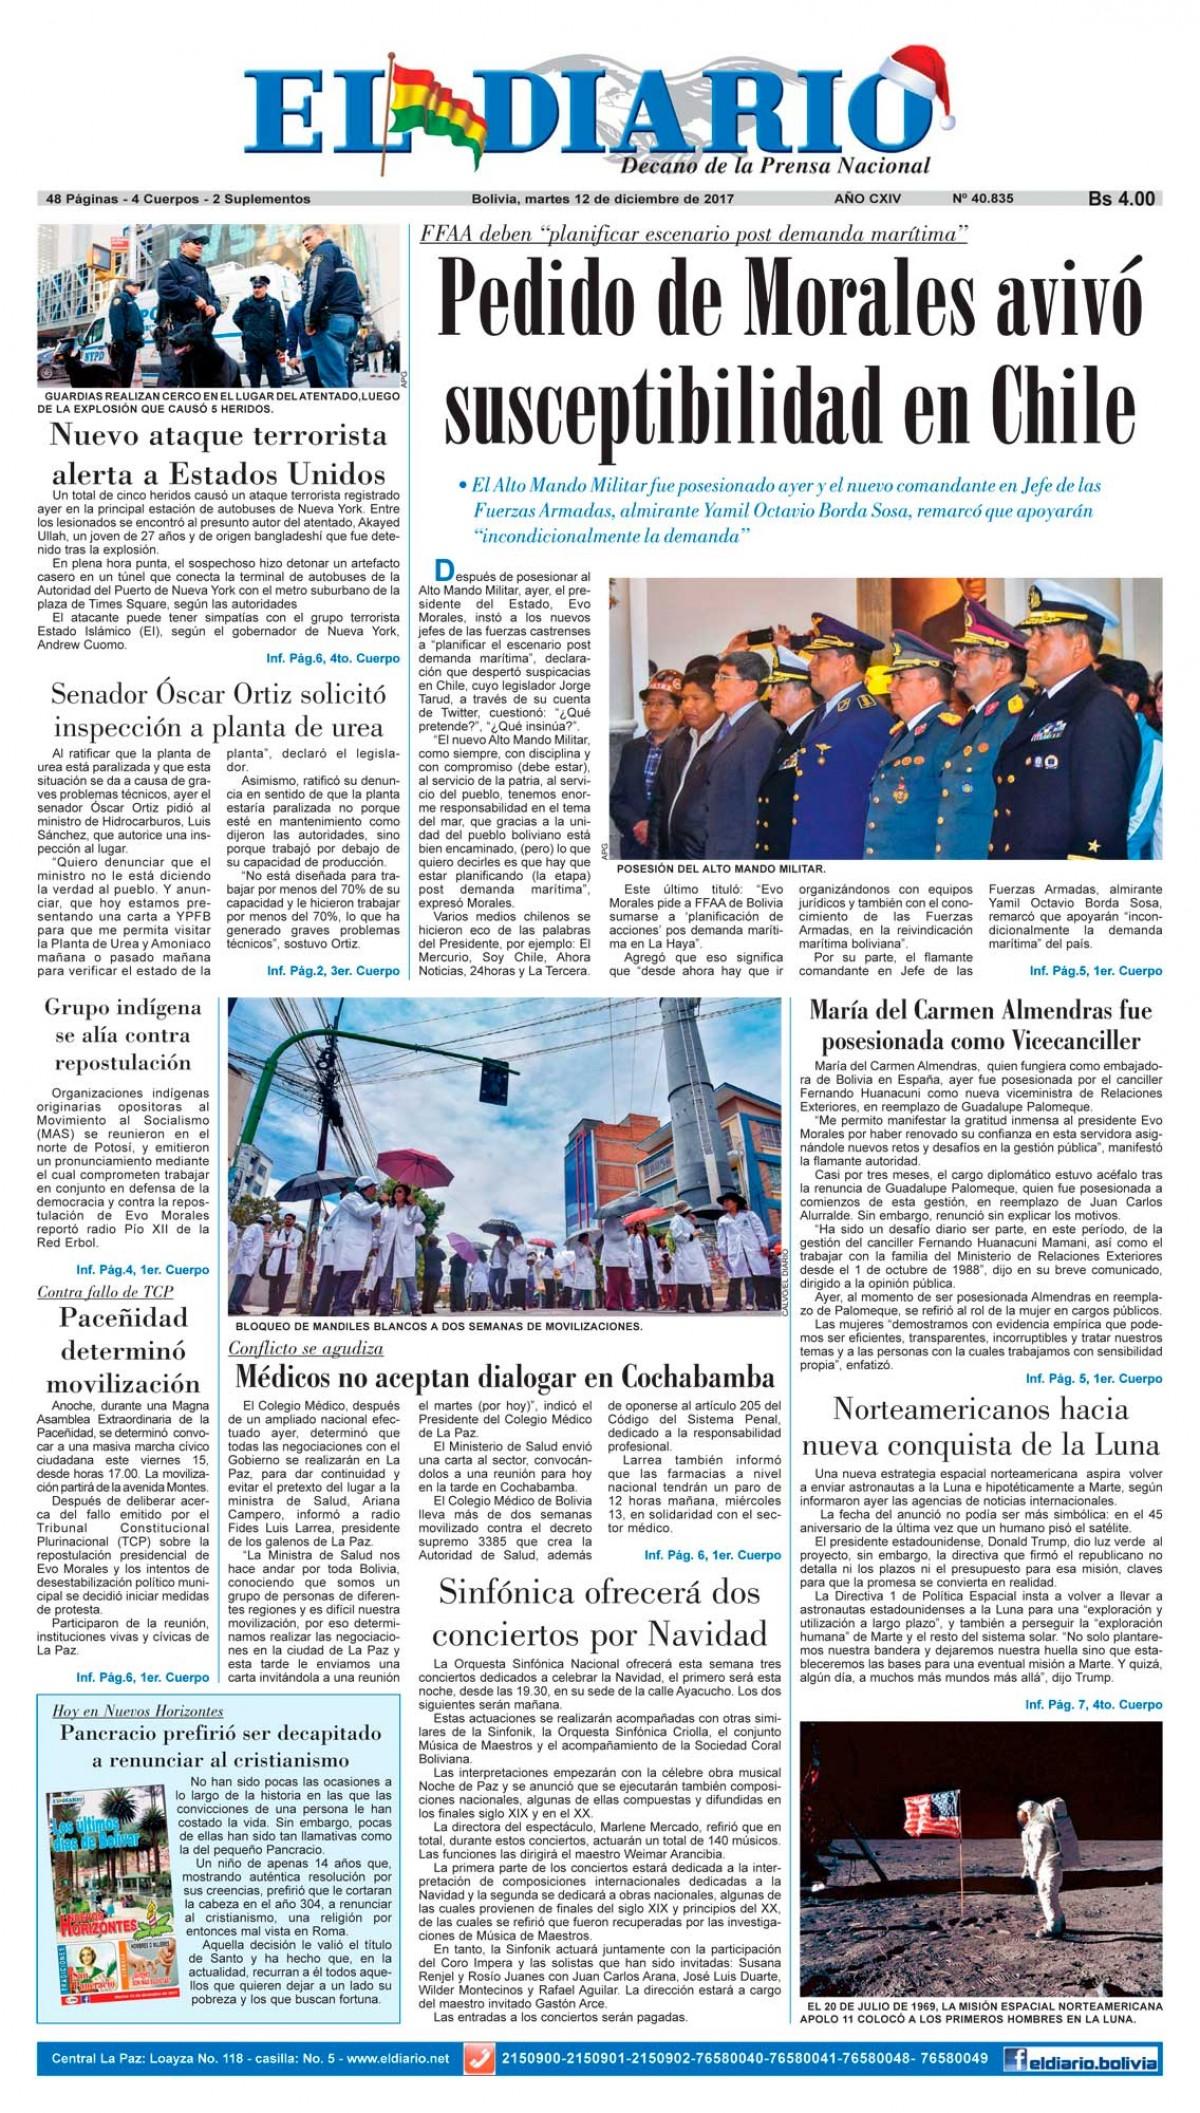 eldiario.net5a2fc157a6105.jpg